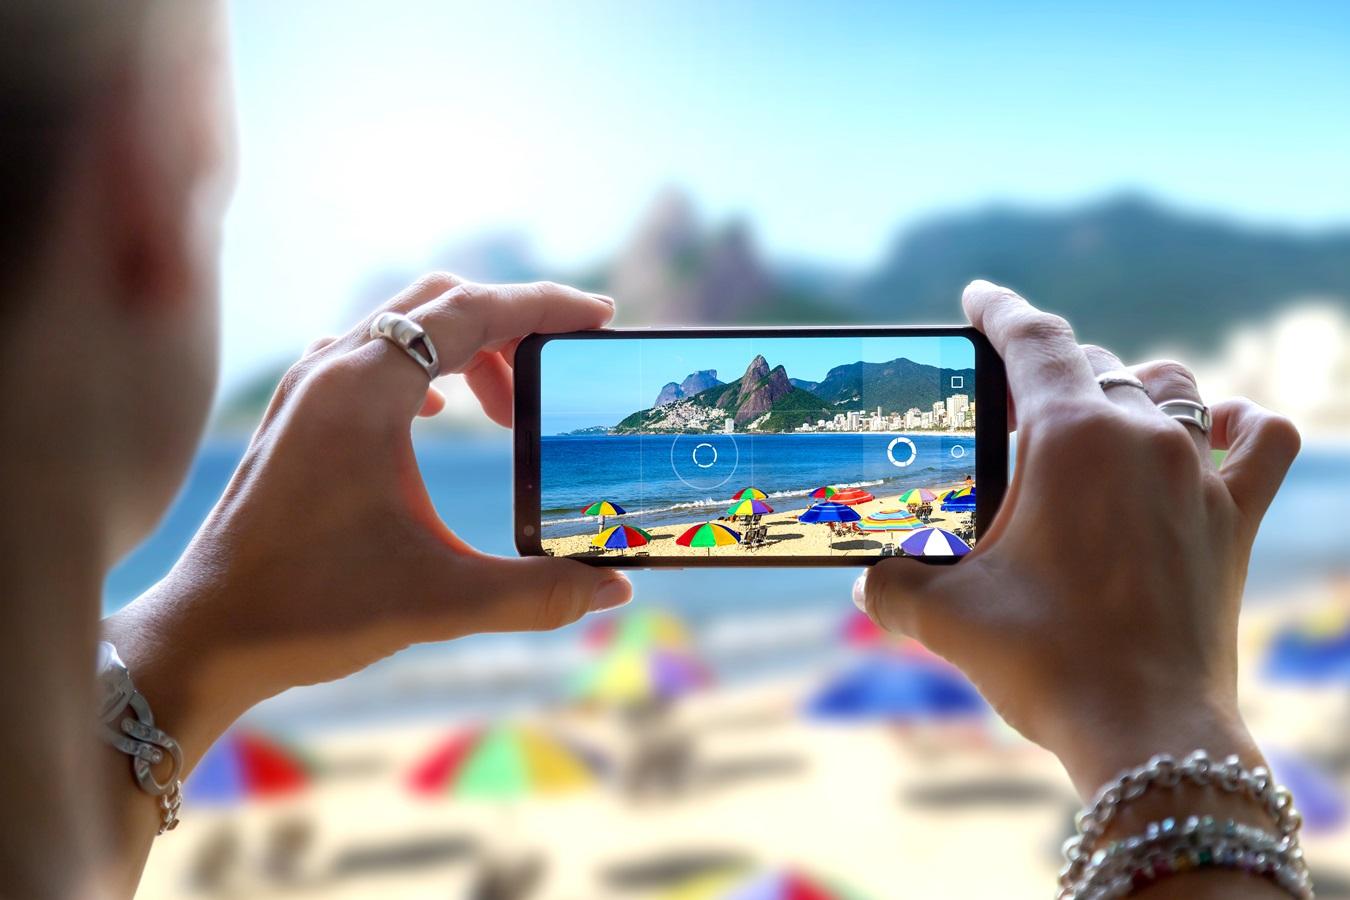 6 Trik hasilkan foto outdoor estetik pakai smartphone, mudah dicoba